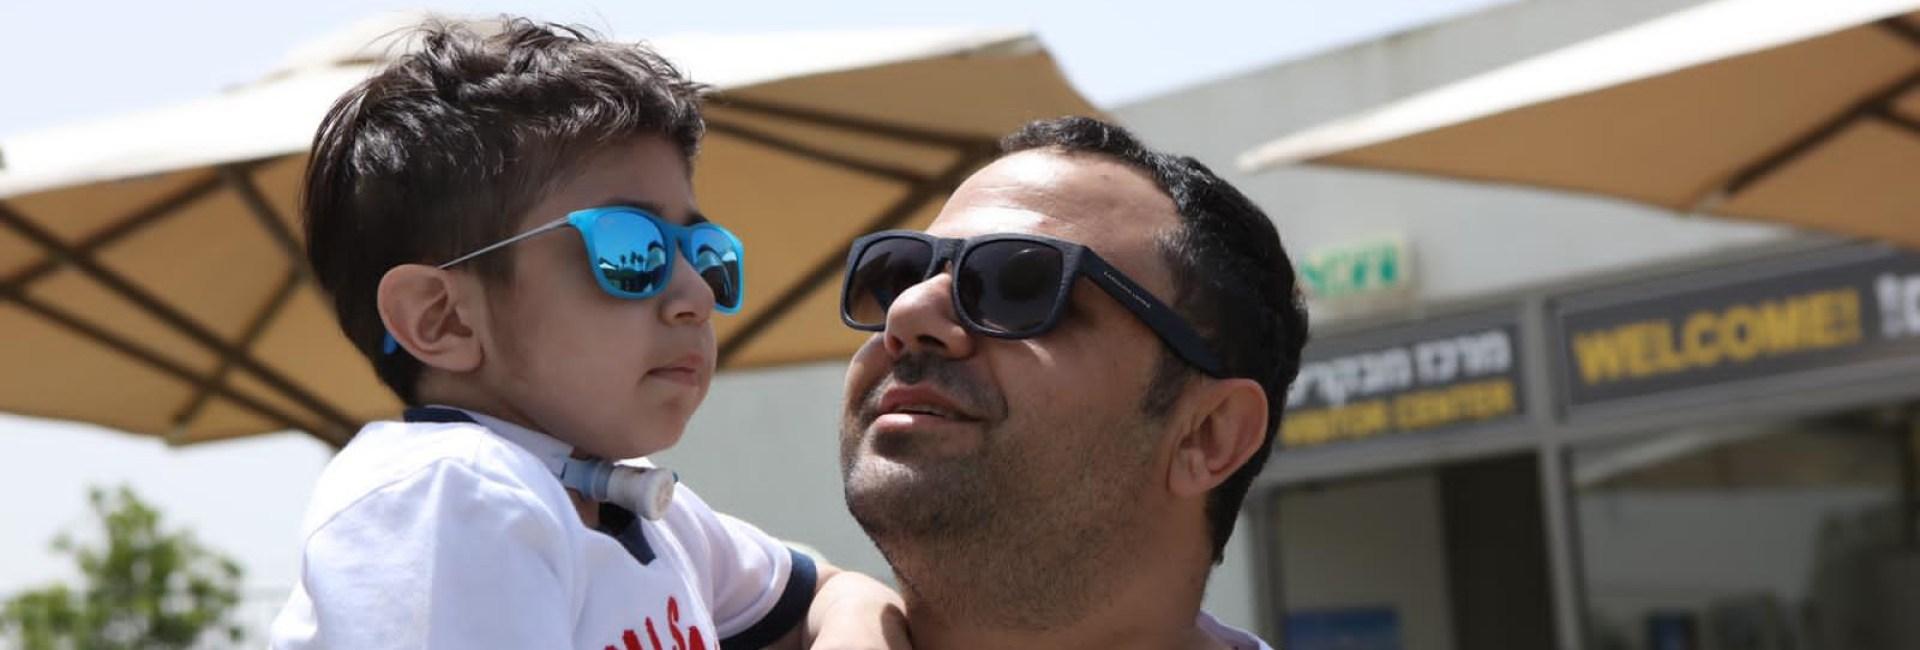 Ισραήλ: Ο 11χρονος ασθενής Λάμπρος ξεγελά τον θάνατο και τον τρόμο των πυραυλικών επιθέσεων